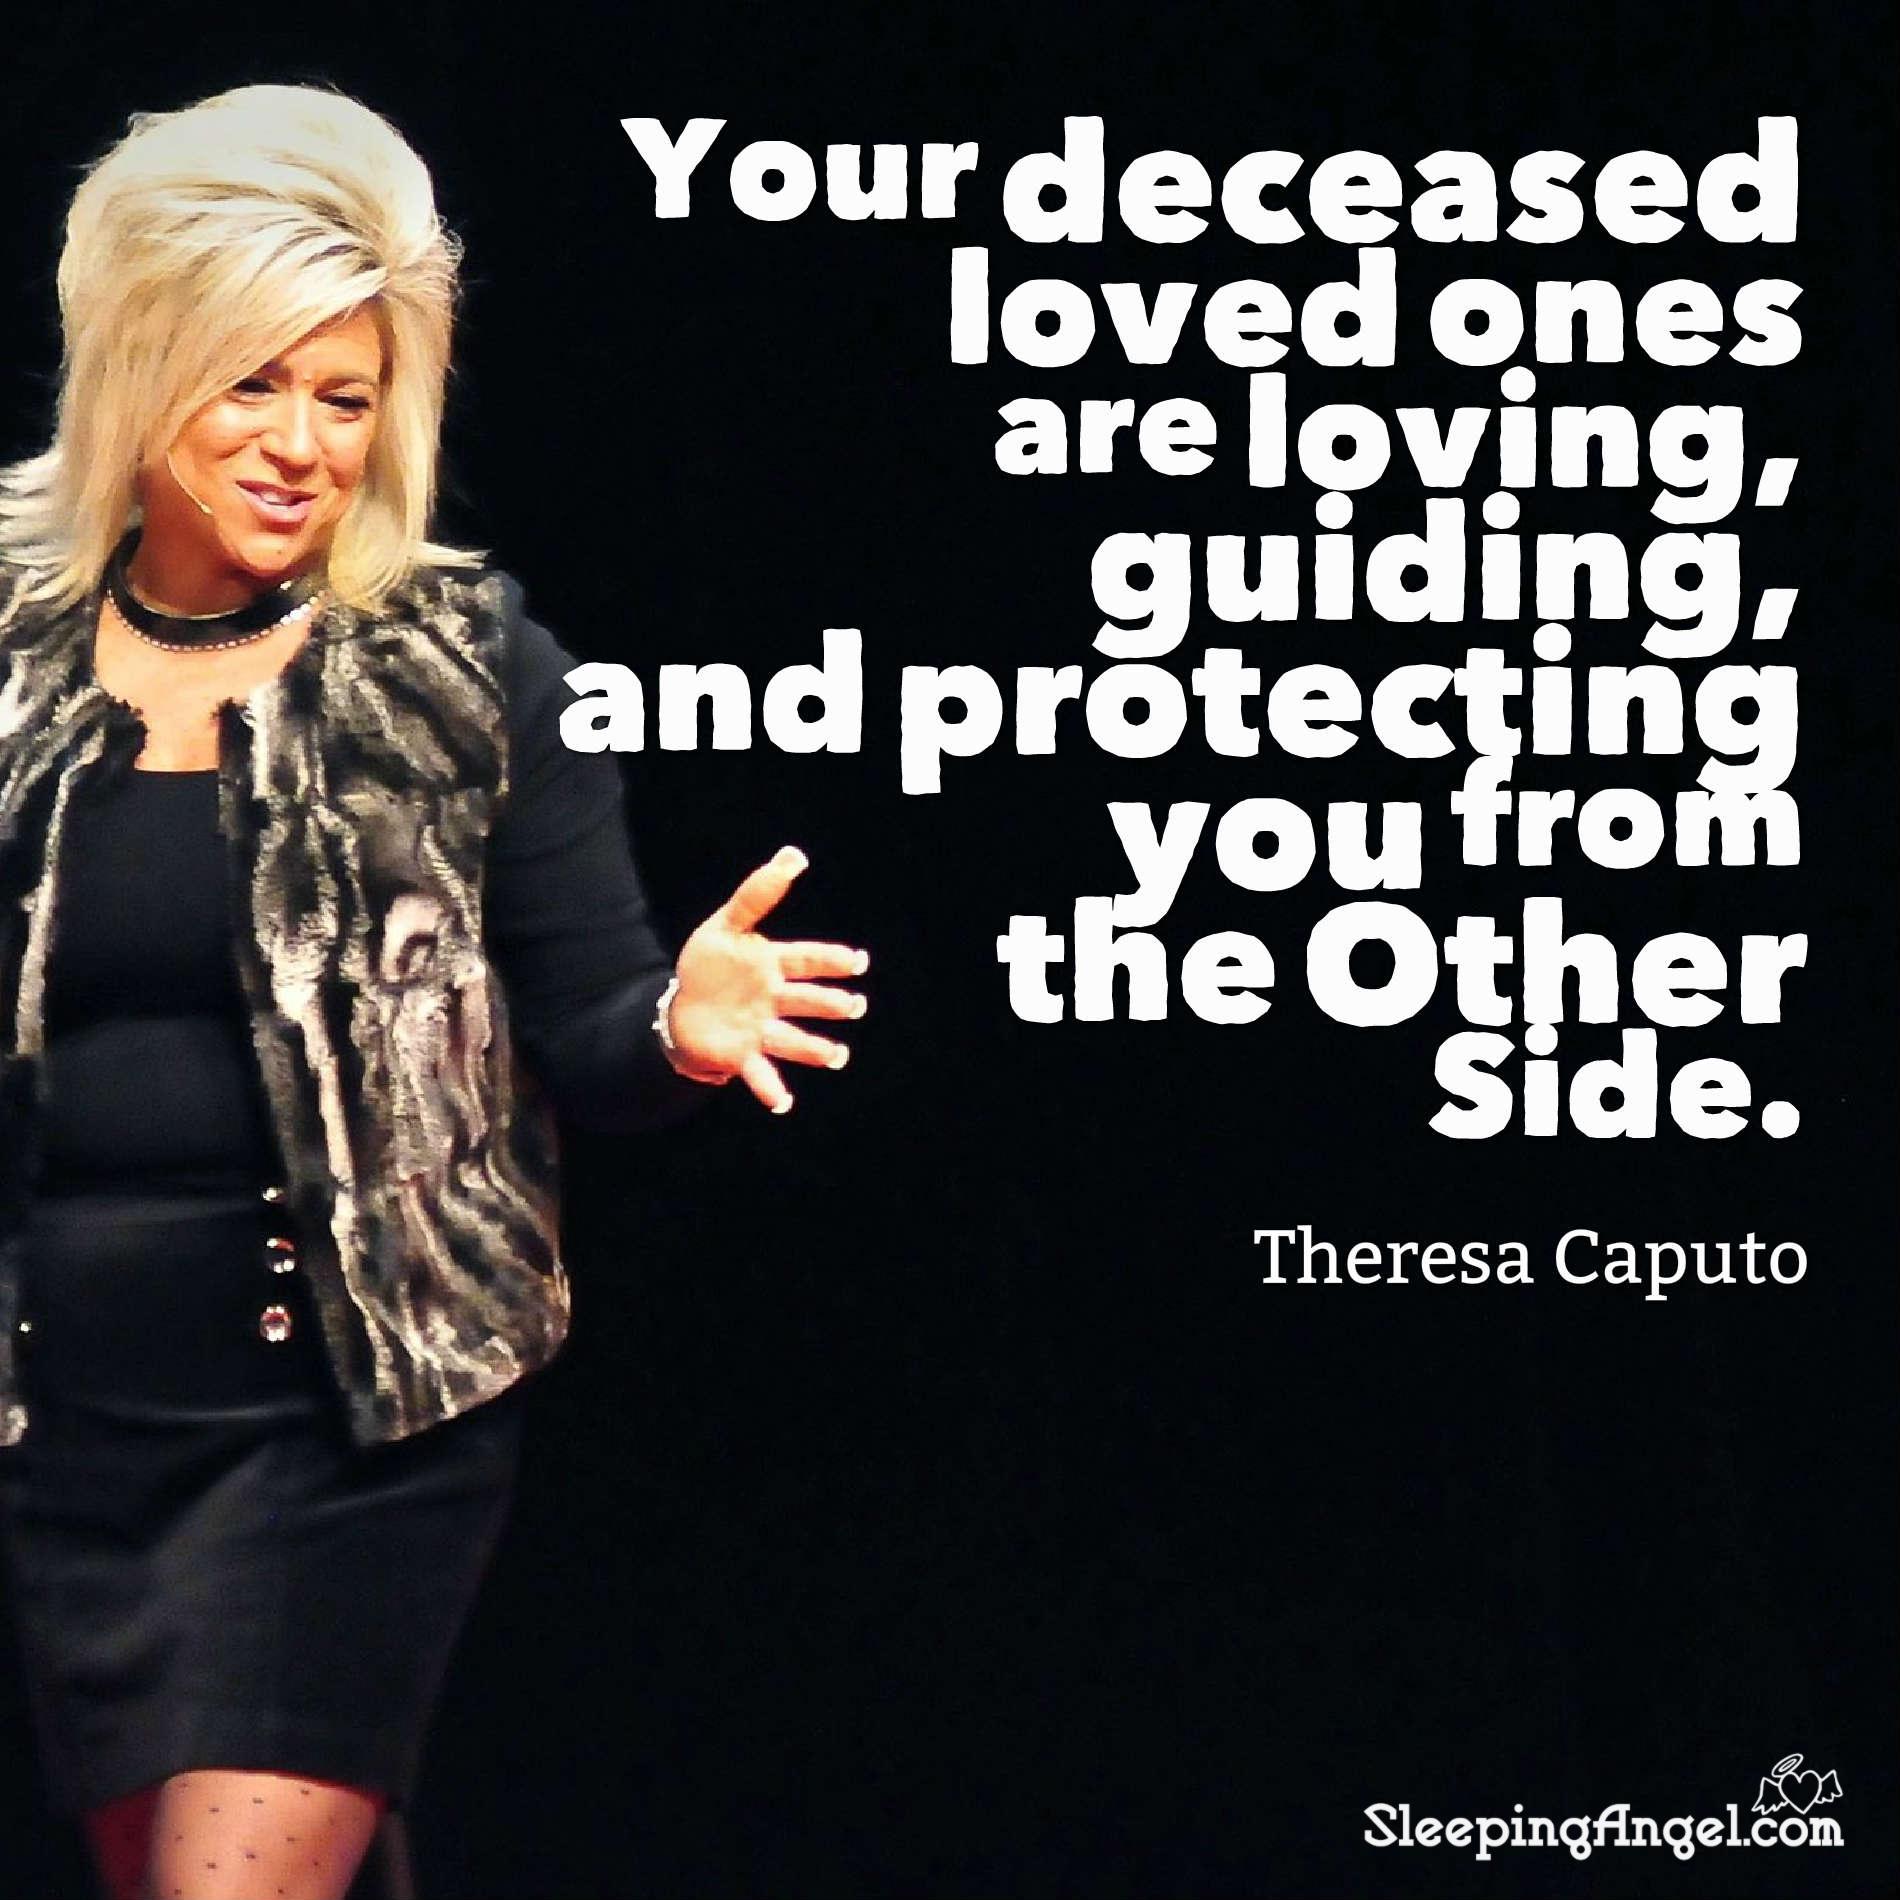 Theresa Caputo Quote